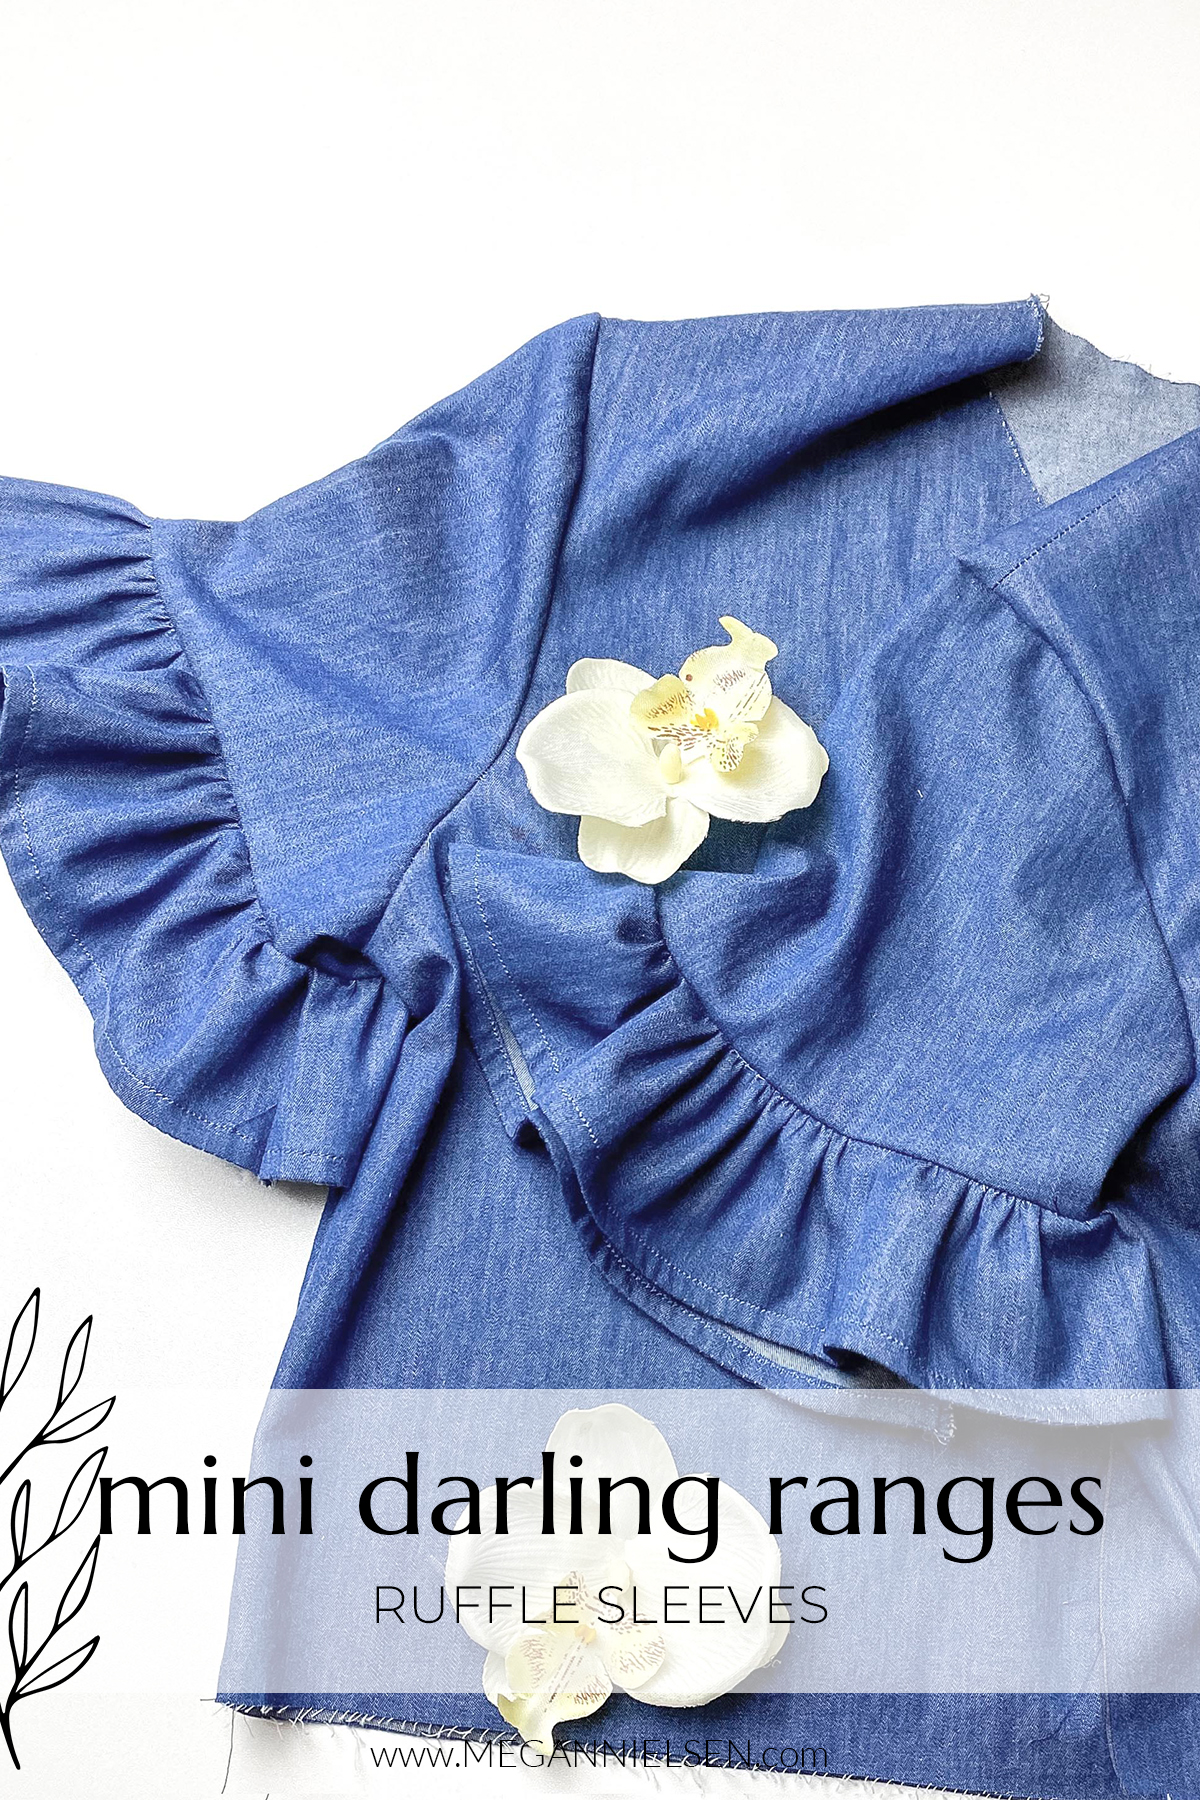 Mini Darling Ranges ruffle sleeves tutorial